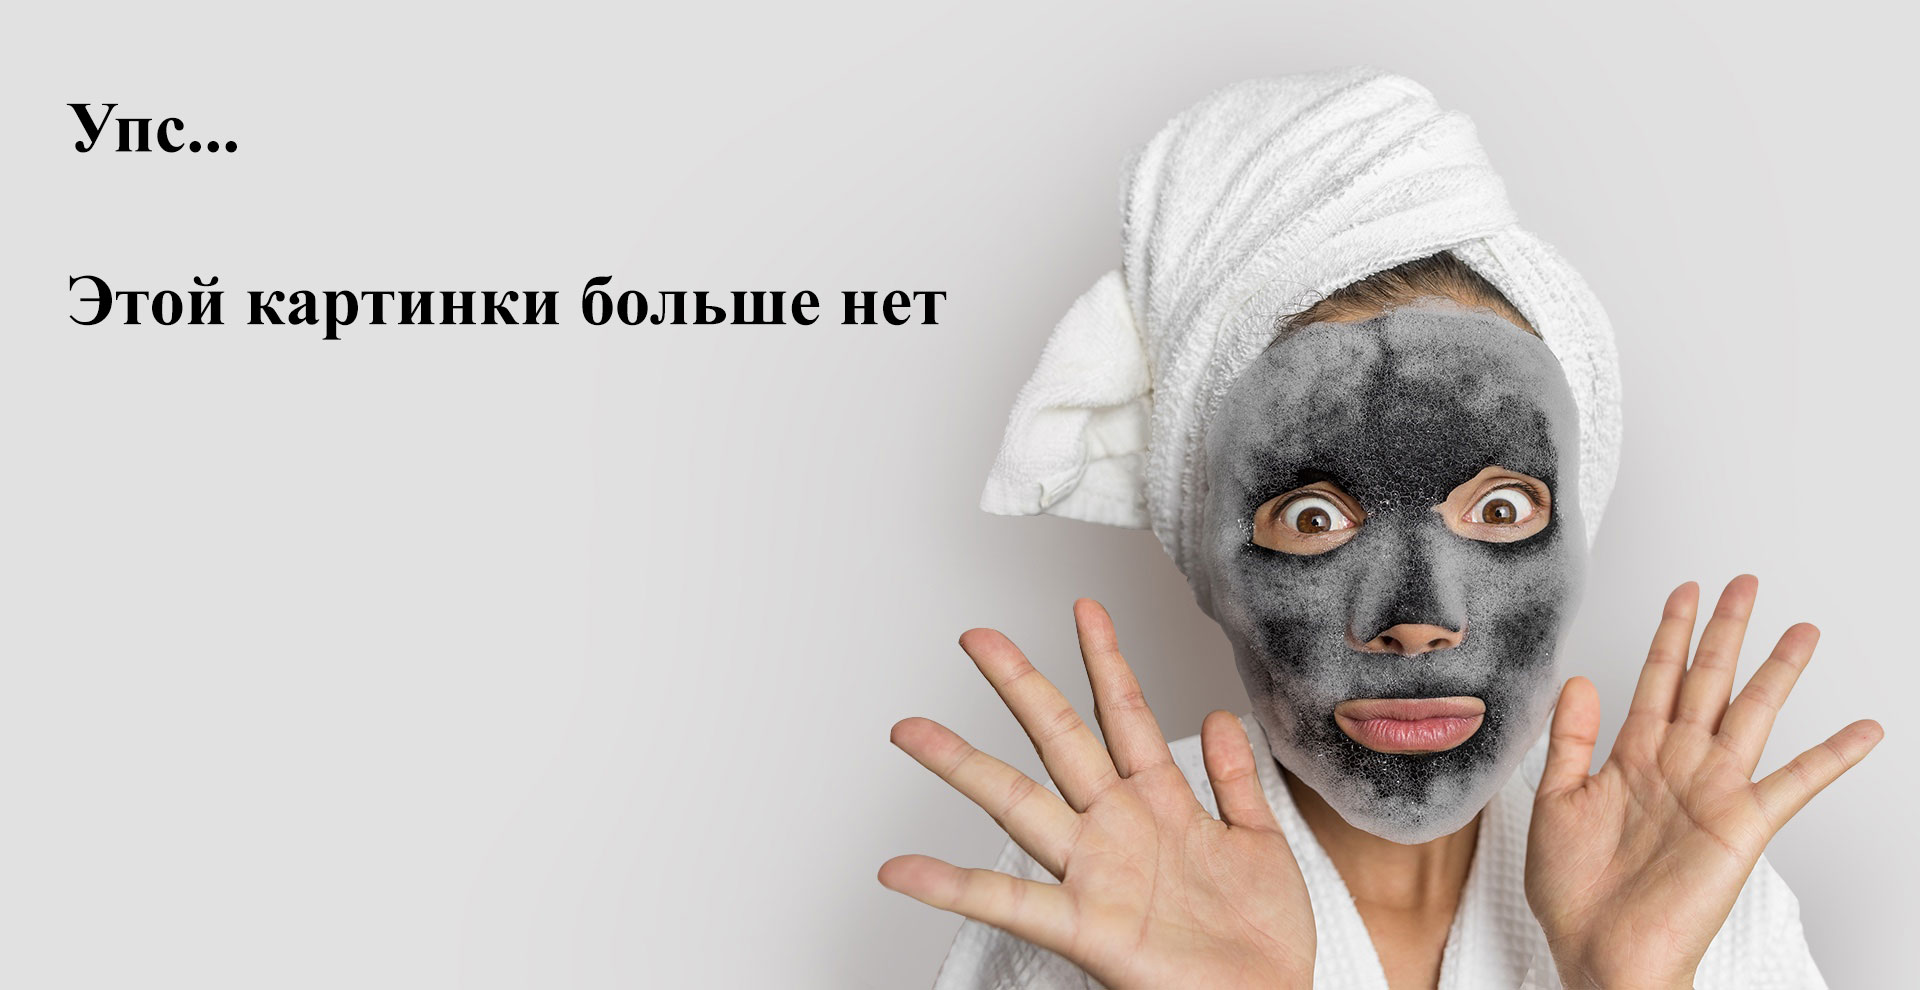 Vivienne Sabo, Набор треугольных спонжей для макияжа Salon-A-Maison, 4 шт.